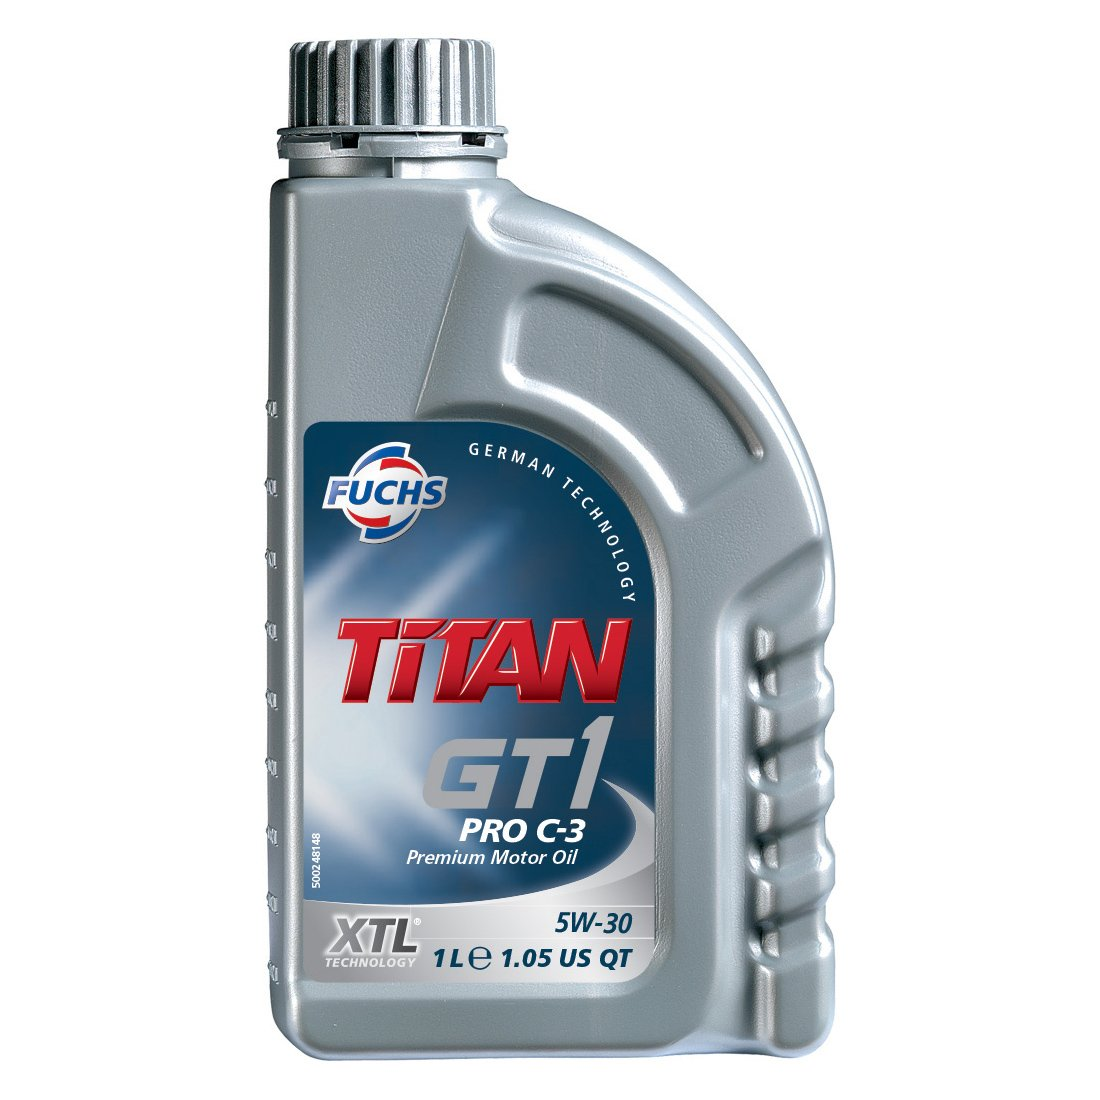 FUCHS TITAN GT1 PRO C-3 SAE 5W-30 XTL® 1 LITRE